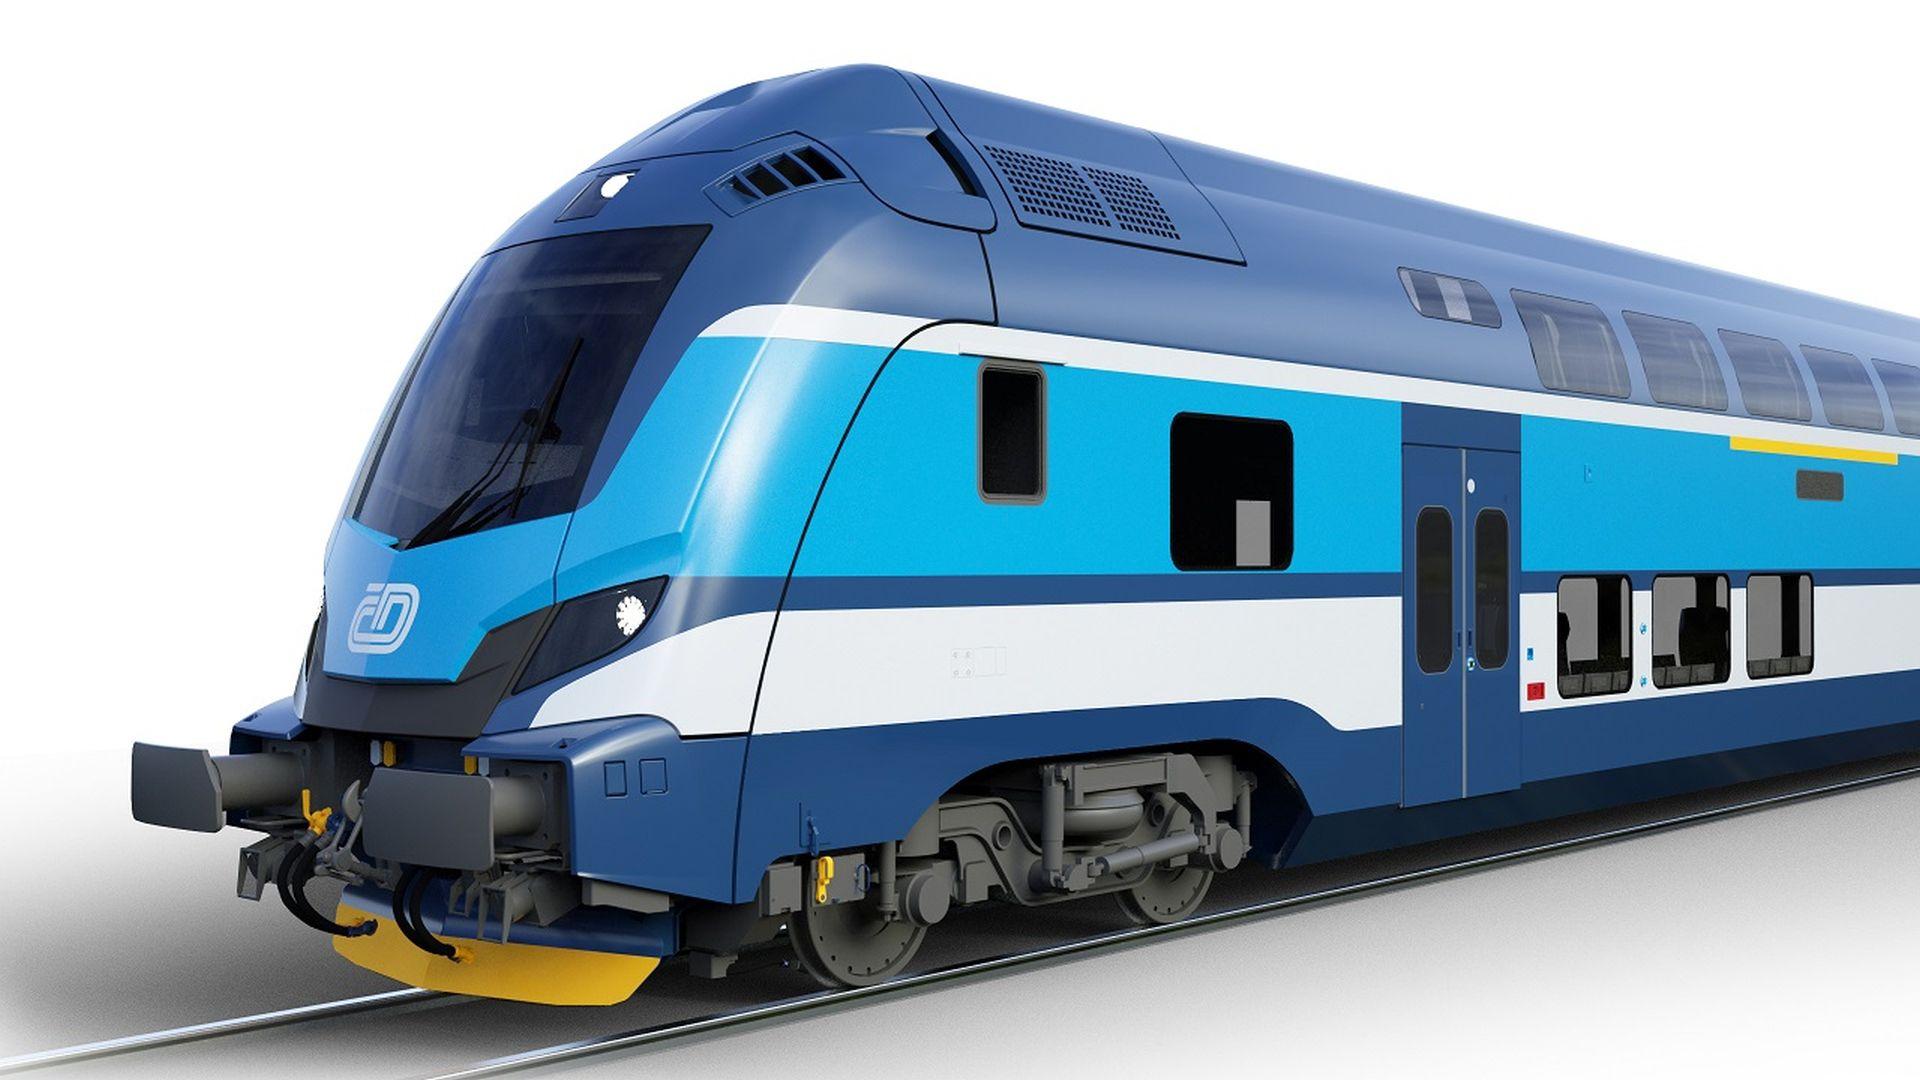 Push-pull souprava vychází z designu pro Deutsche Bahn. Foto: České dráhy